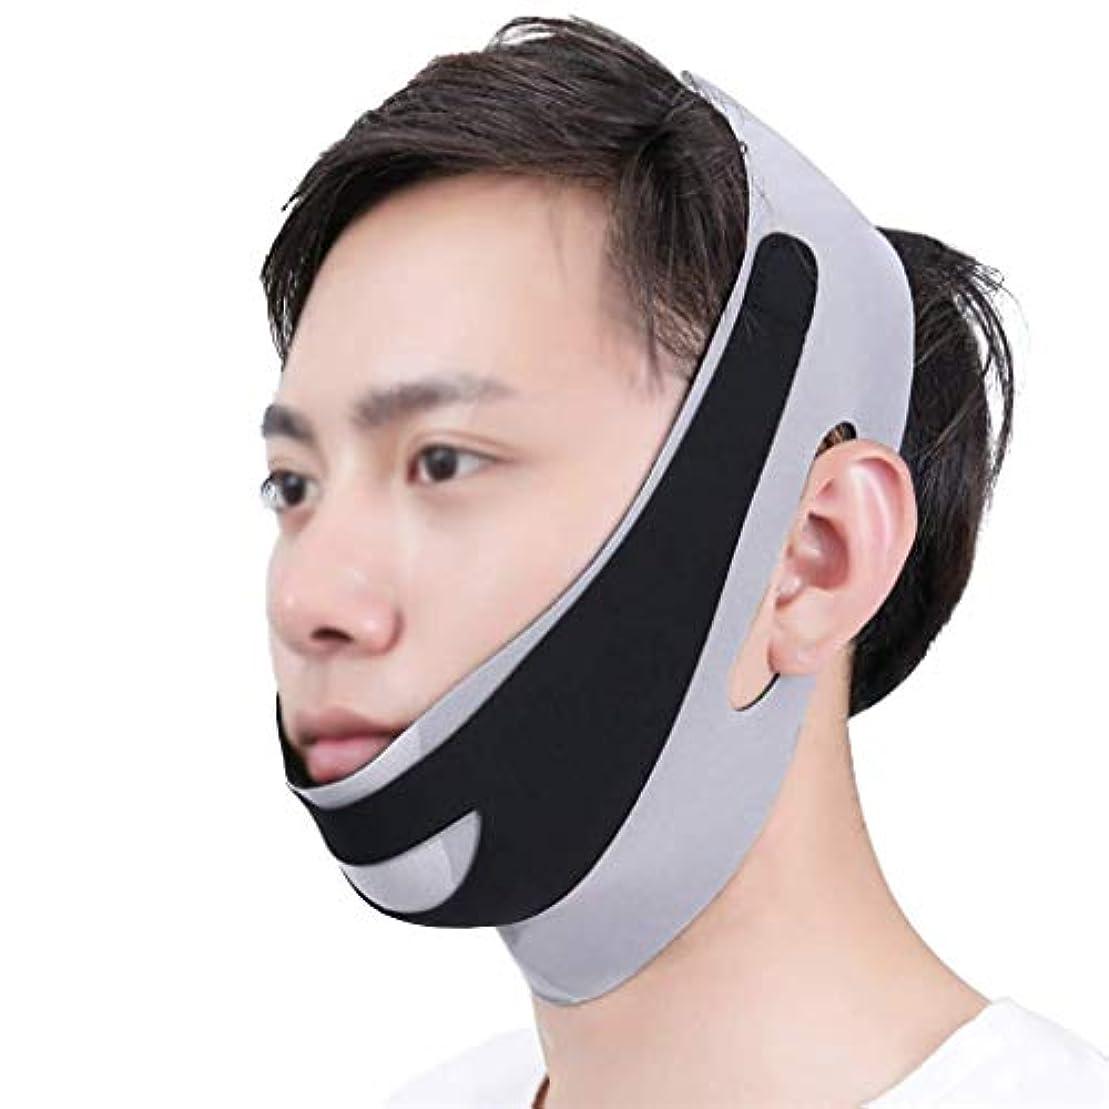 緊急欠席バーベキュー顔と首のリフト術後の弾性フェイスマスク小さなV顔アーティファクト薄い顔包帯アーティファクトV顔ぶら下げ耳リフティング引き締め男性の顔アーティファクト